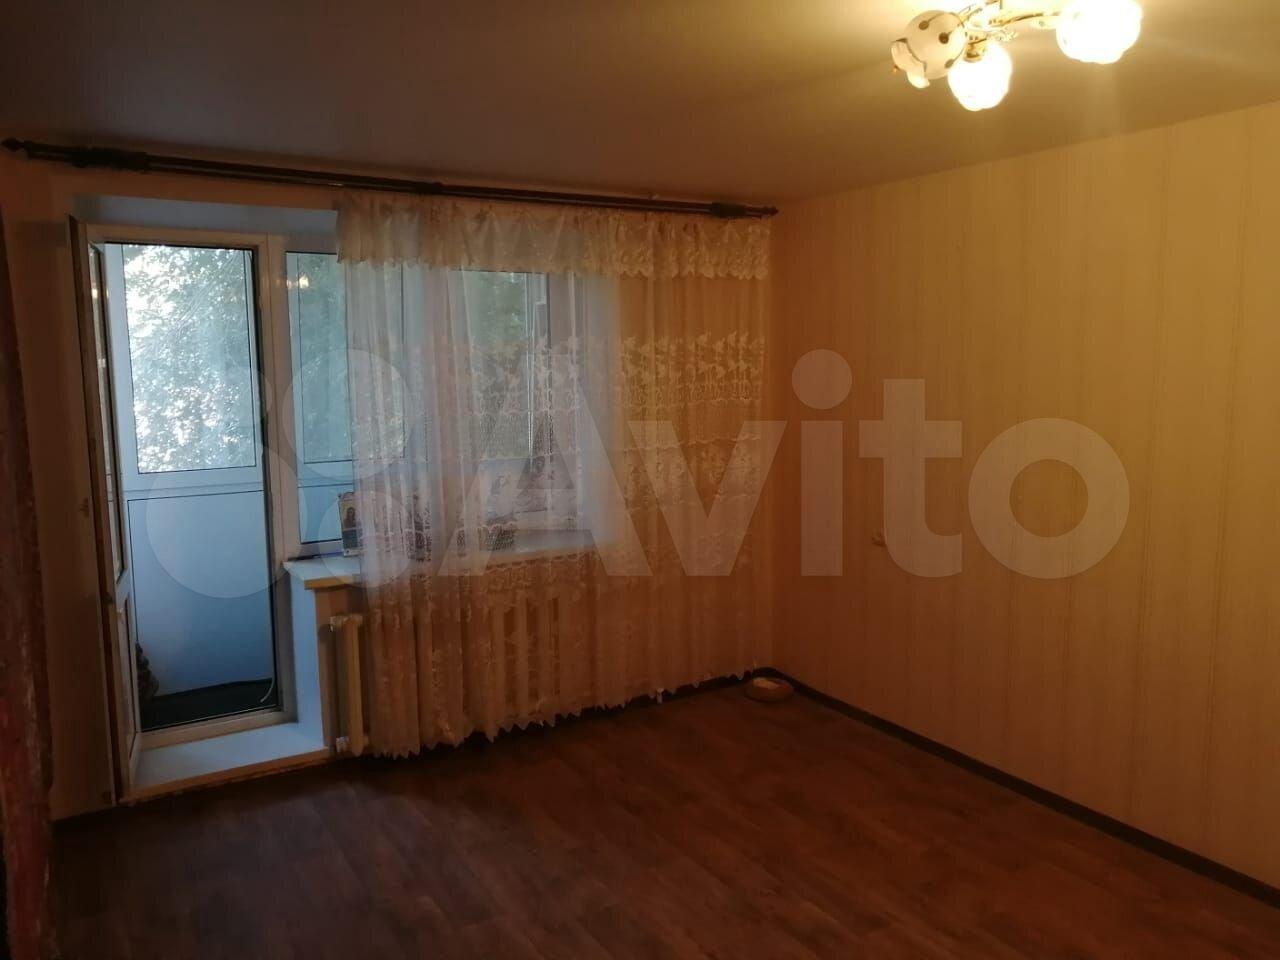 1-к квартира, 33 м², 2/5 эт.  89603492317 купить 1